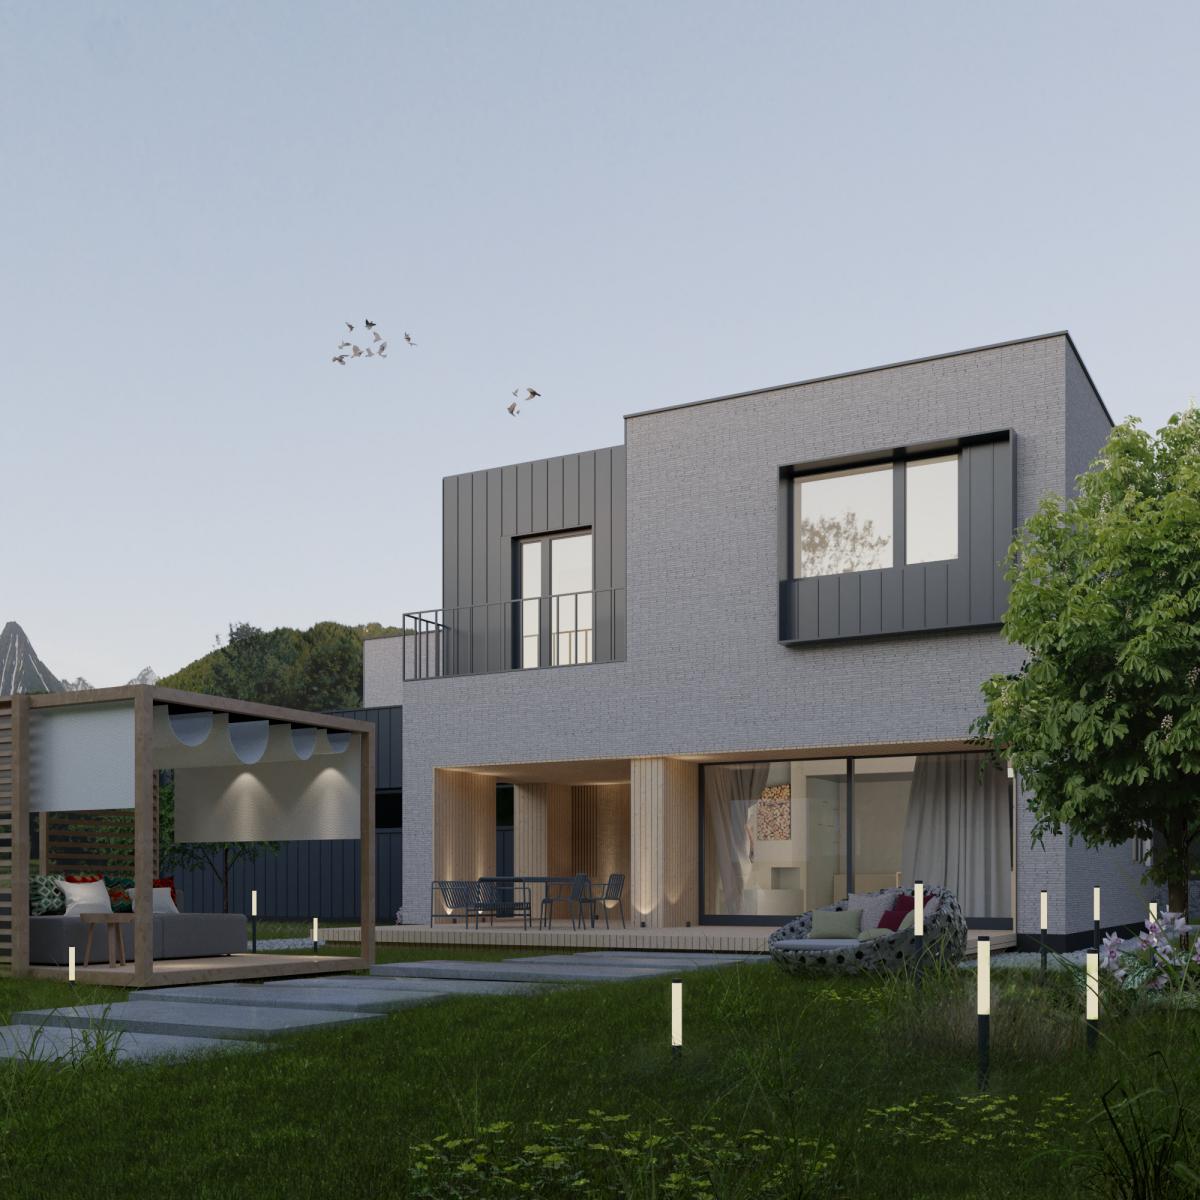 Dwukondygnacyjny dom z płaskim dachem - widok na strony tarasu domu poznańskiego